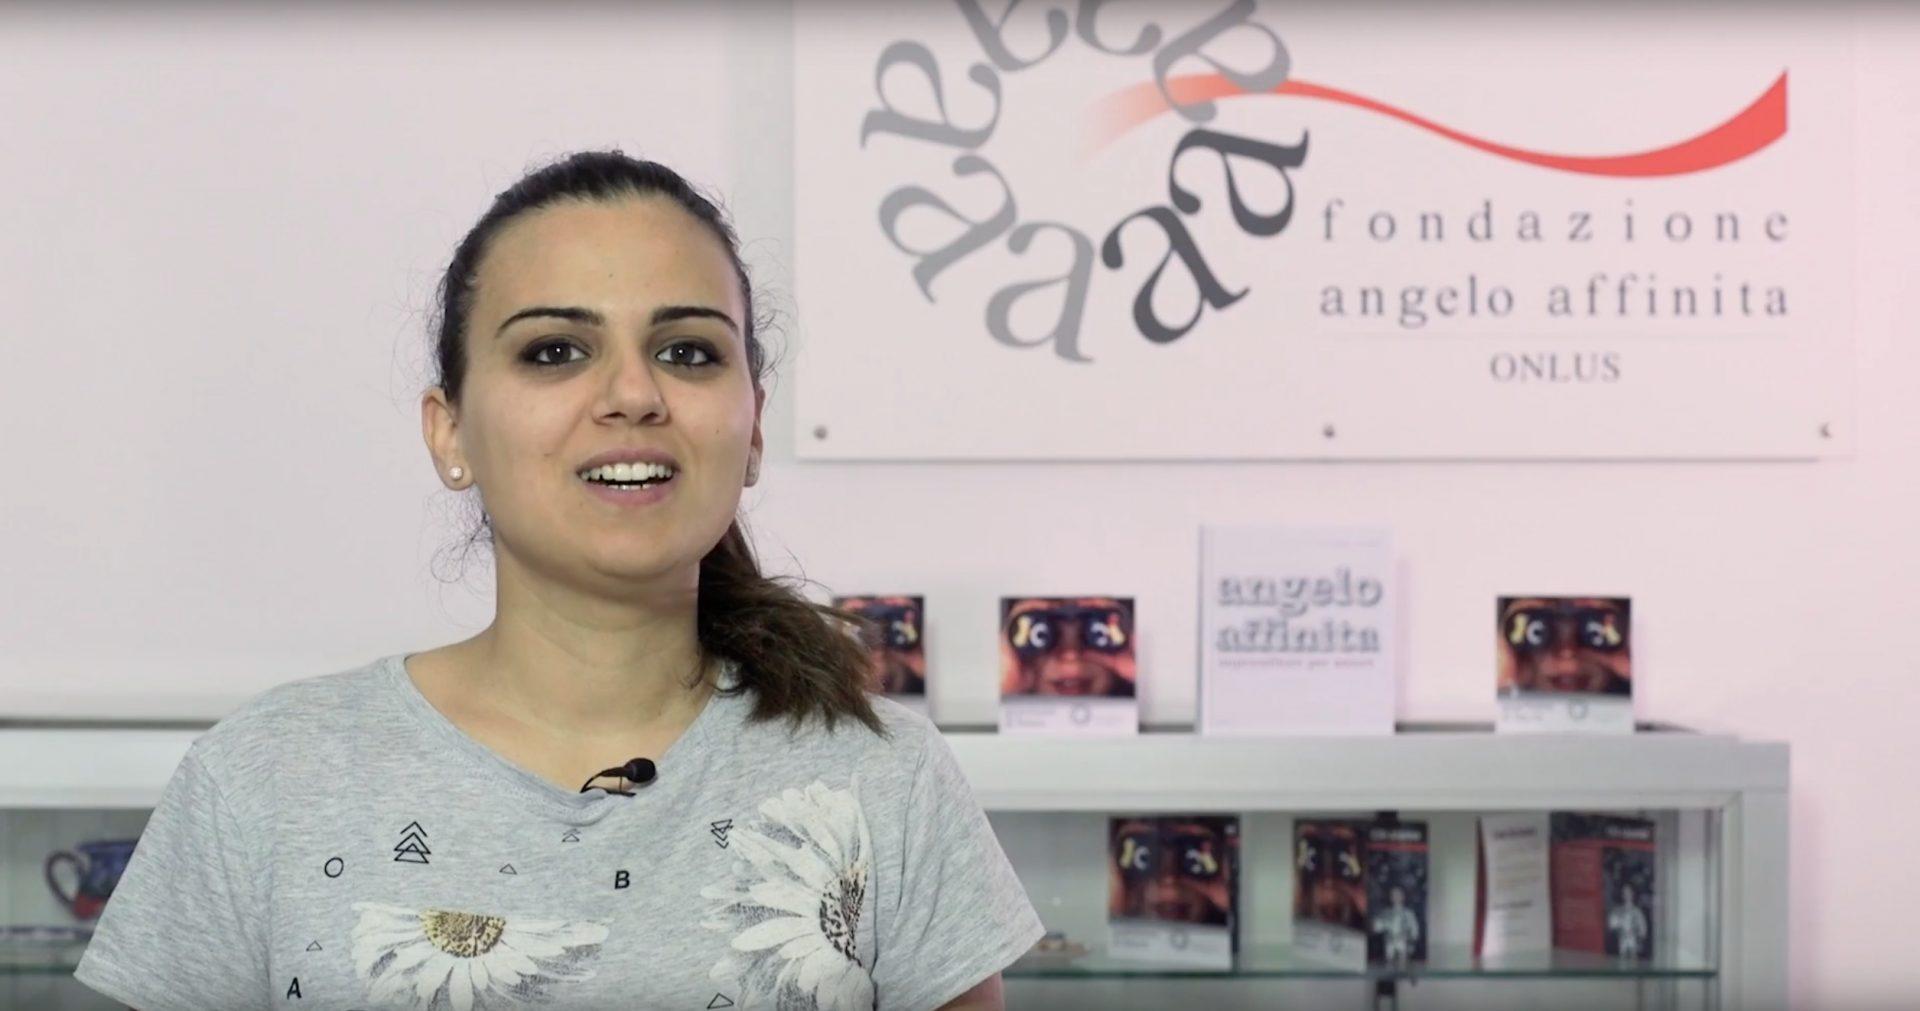 VIDEO-Come-puoi-trovare-lavoro-con-facilita-soprattutto-se-sei-disoccupato-ascolta-queste-testimonianze-Fondazione-Angelo-Affinita